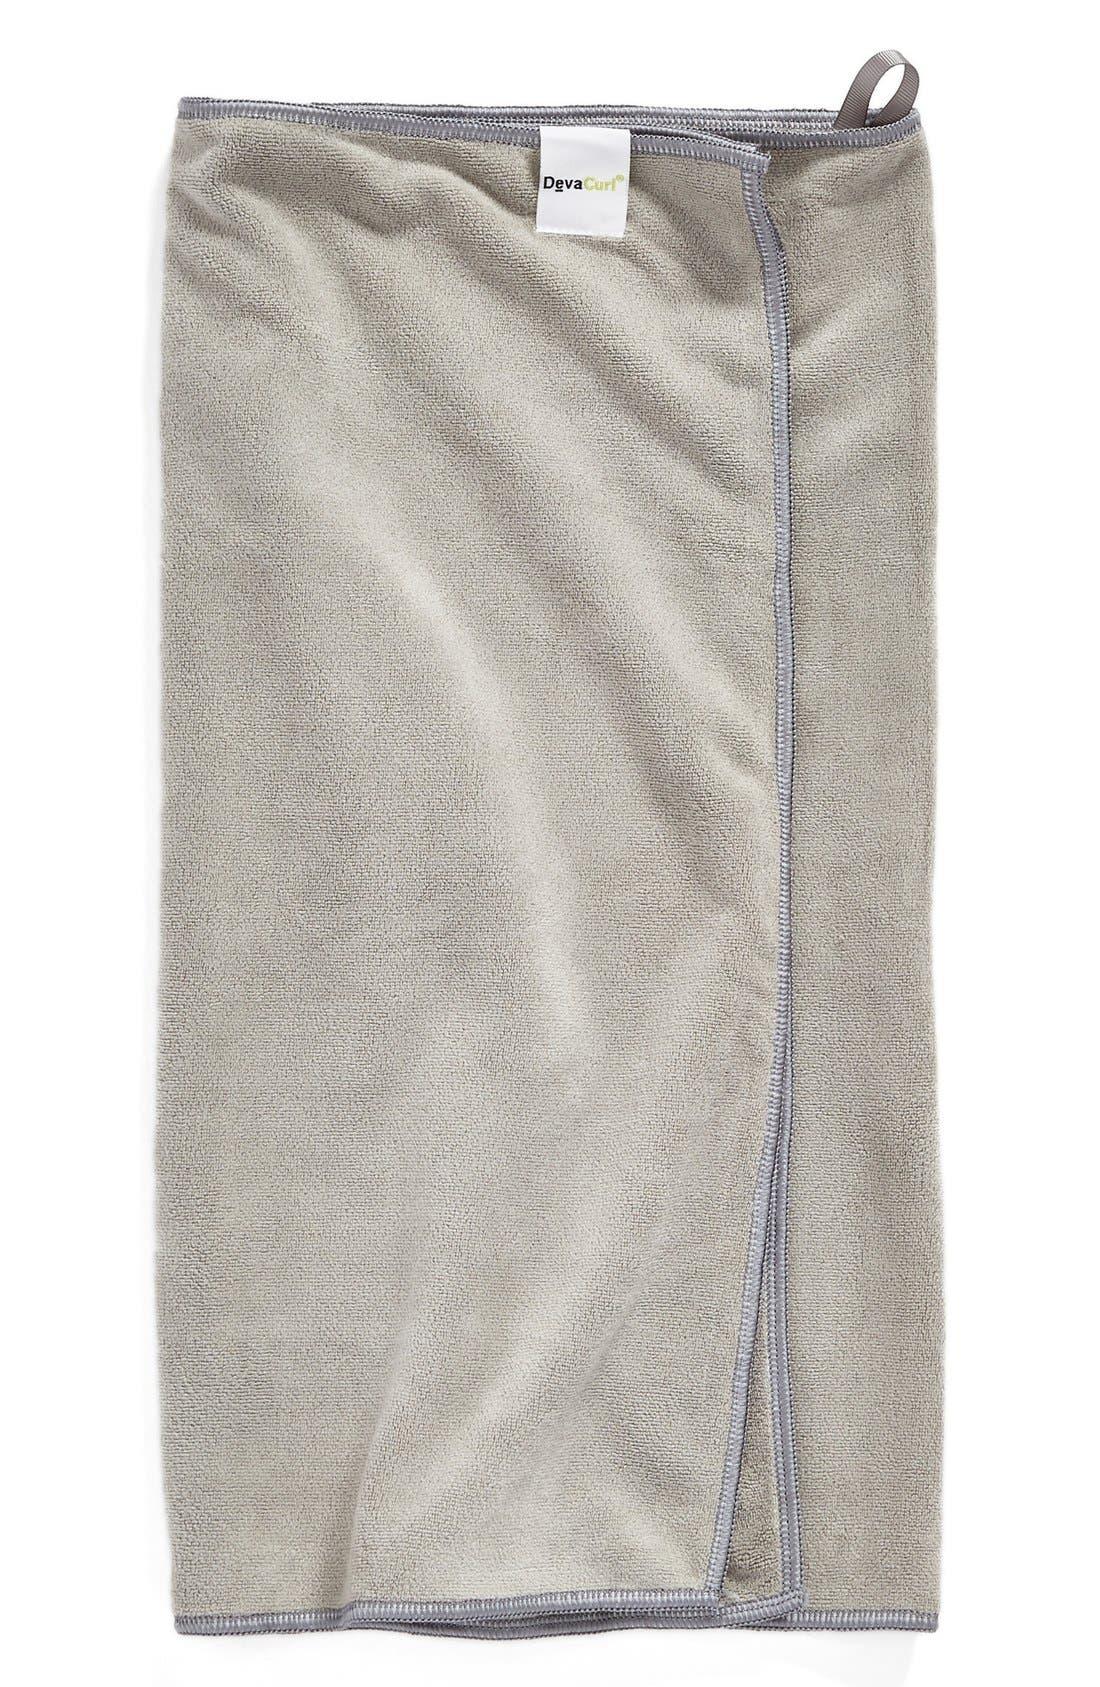 DevaTowel Anti-Frizz Microfiber Towel,                             Alternate thumbnail 4, color,                             NO COLOR